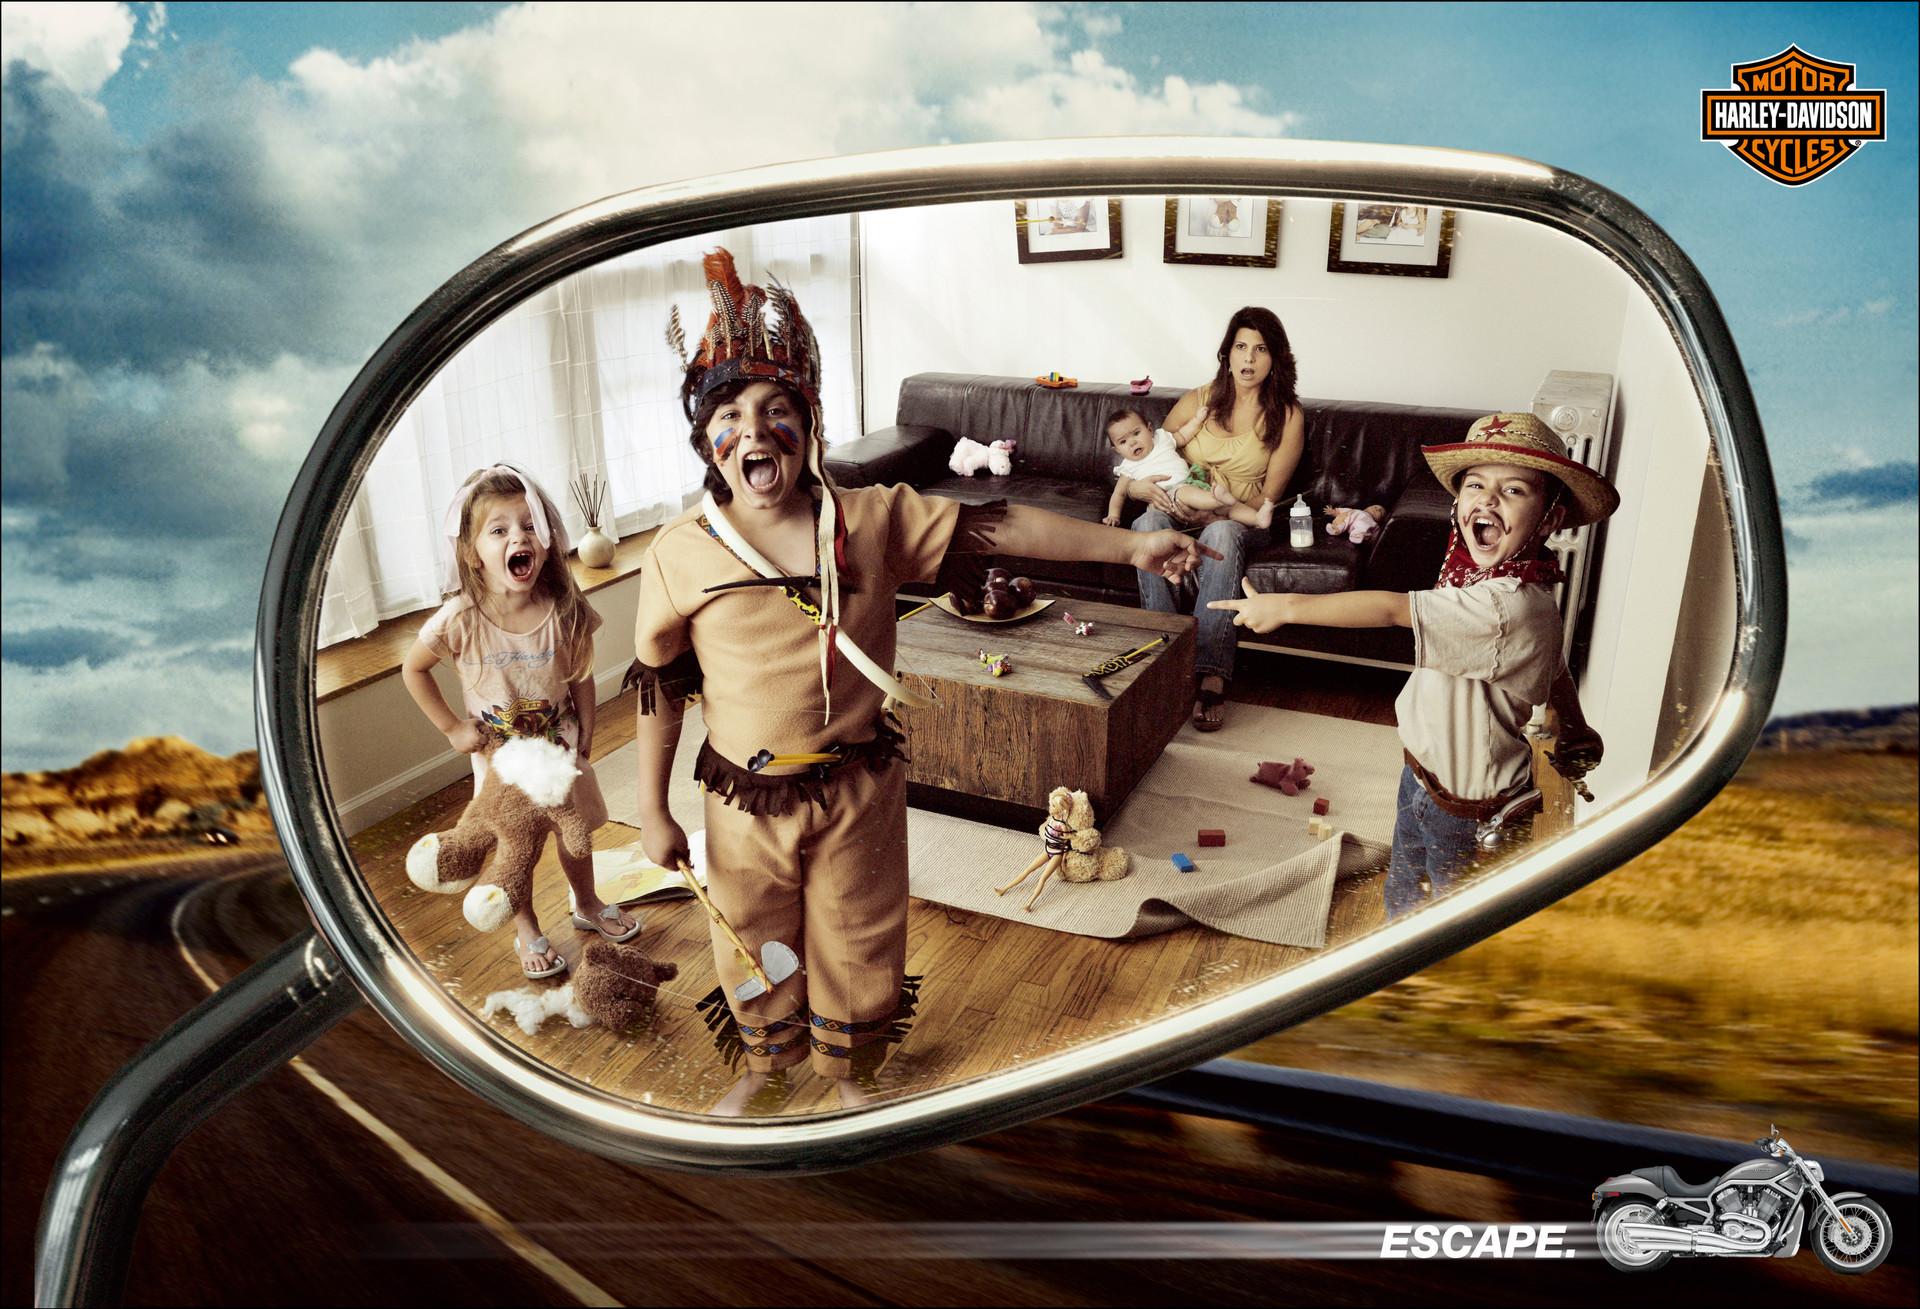 Harley Davidson Familiy.JPG